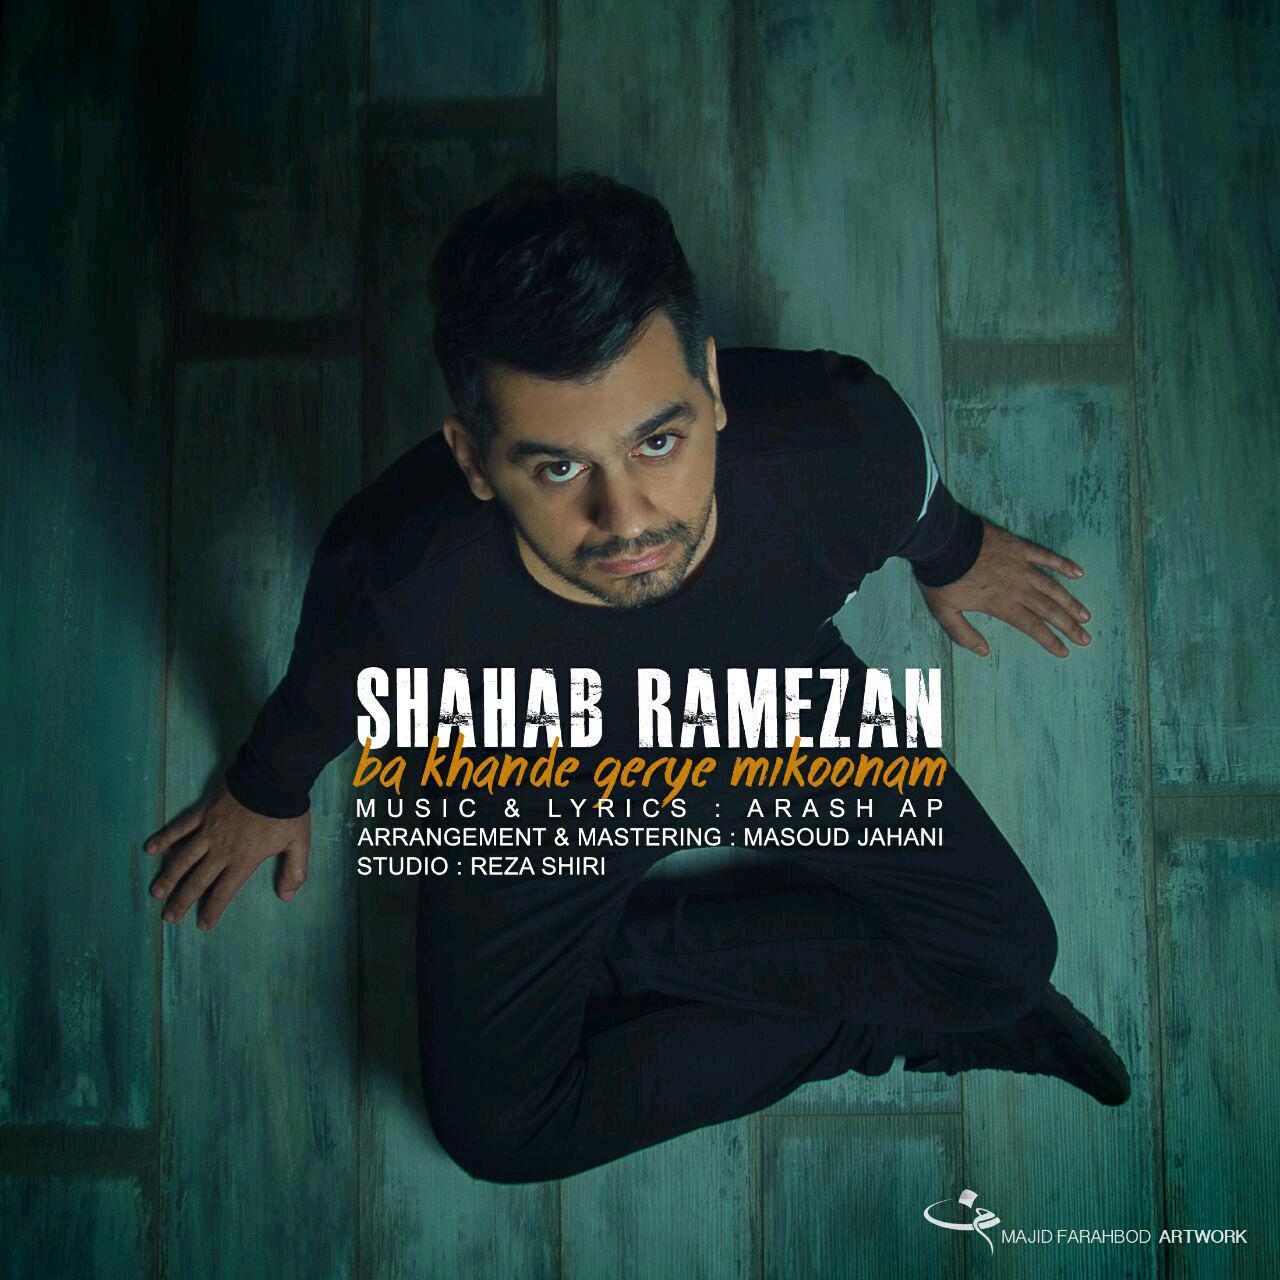 دانلود آهنگ شهاب رمضان به نام با خنده گريه ميكنم